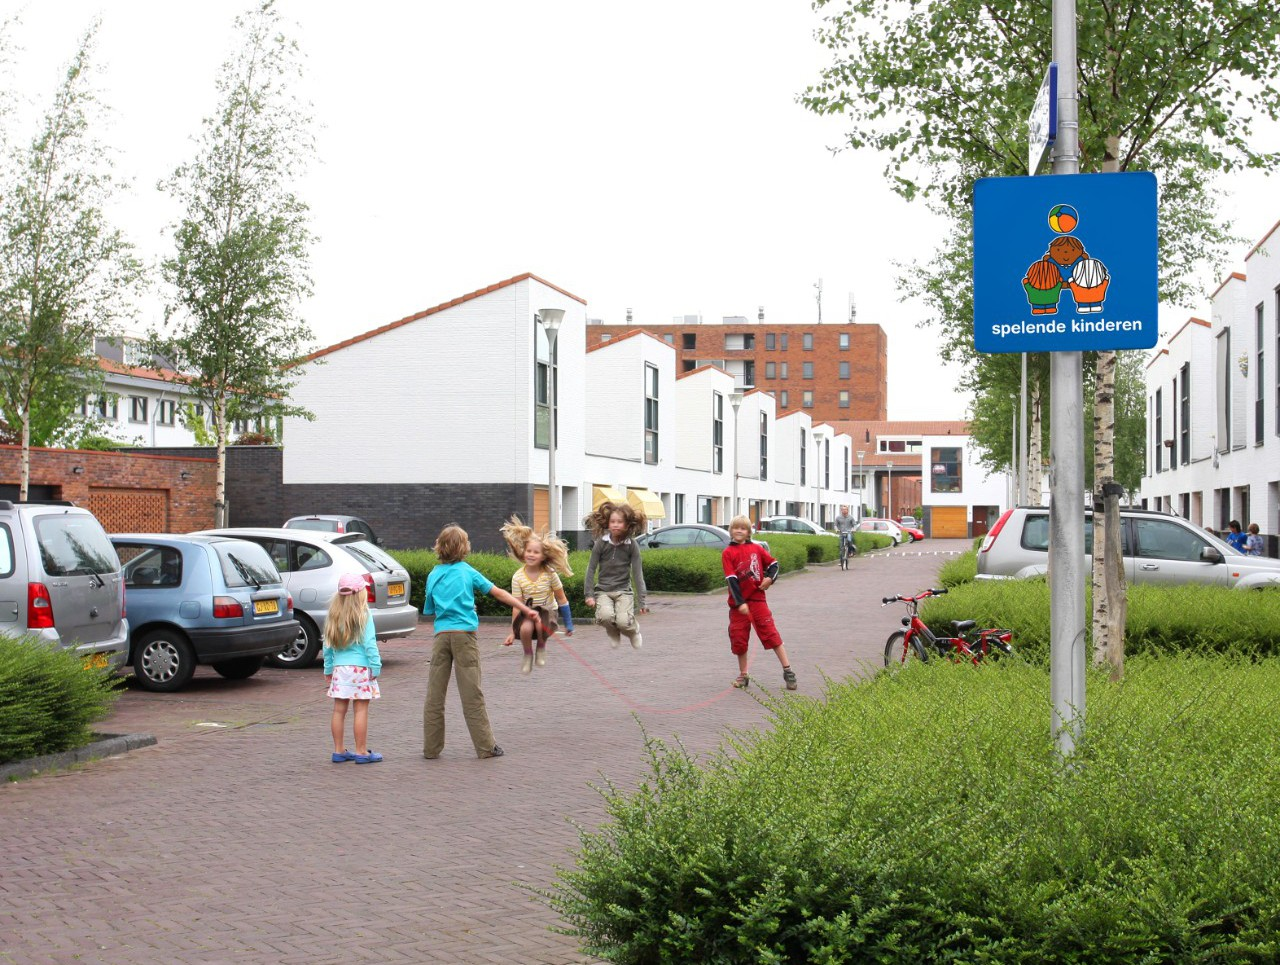 Een verkeersveilige woonomgeving en schoolomgeving met verkeersborden voor kinderen zoals peuters en kleuters die oversteken en automobilisten die opletten en bewust zijn van spelende kinderen in de omgeving van de wijk dick bruna van nijntje